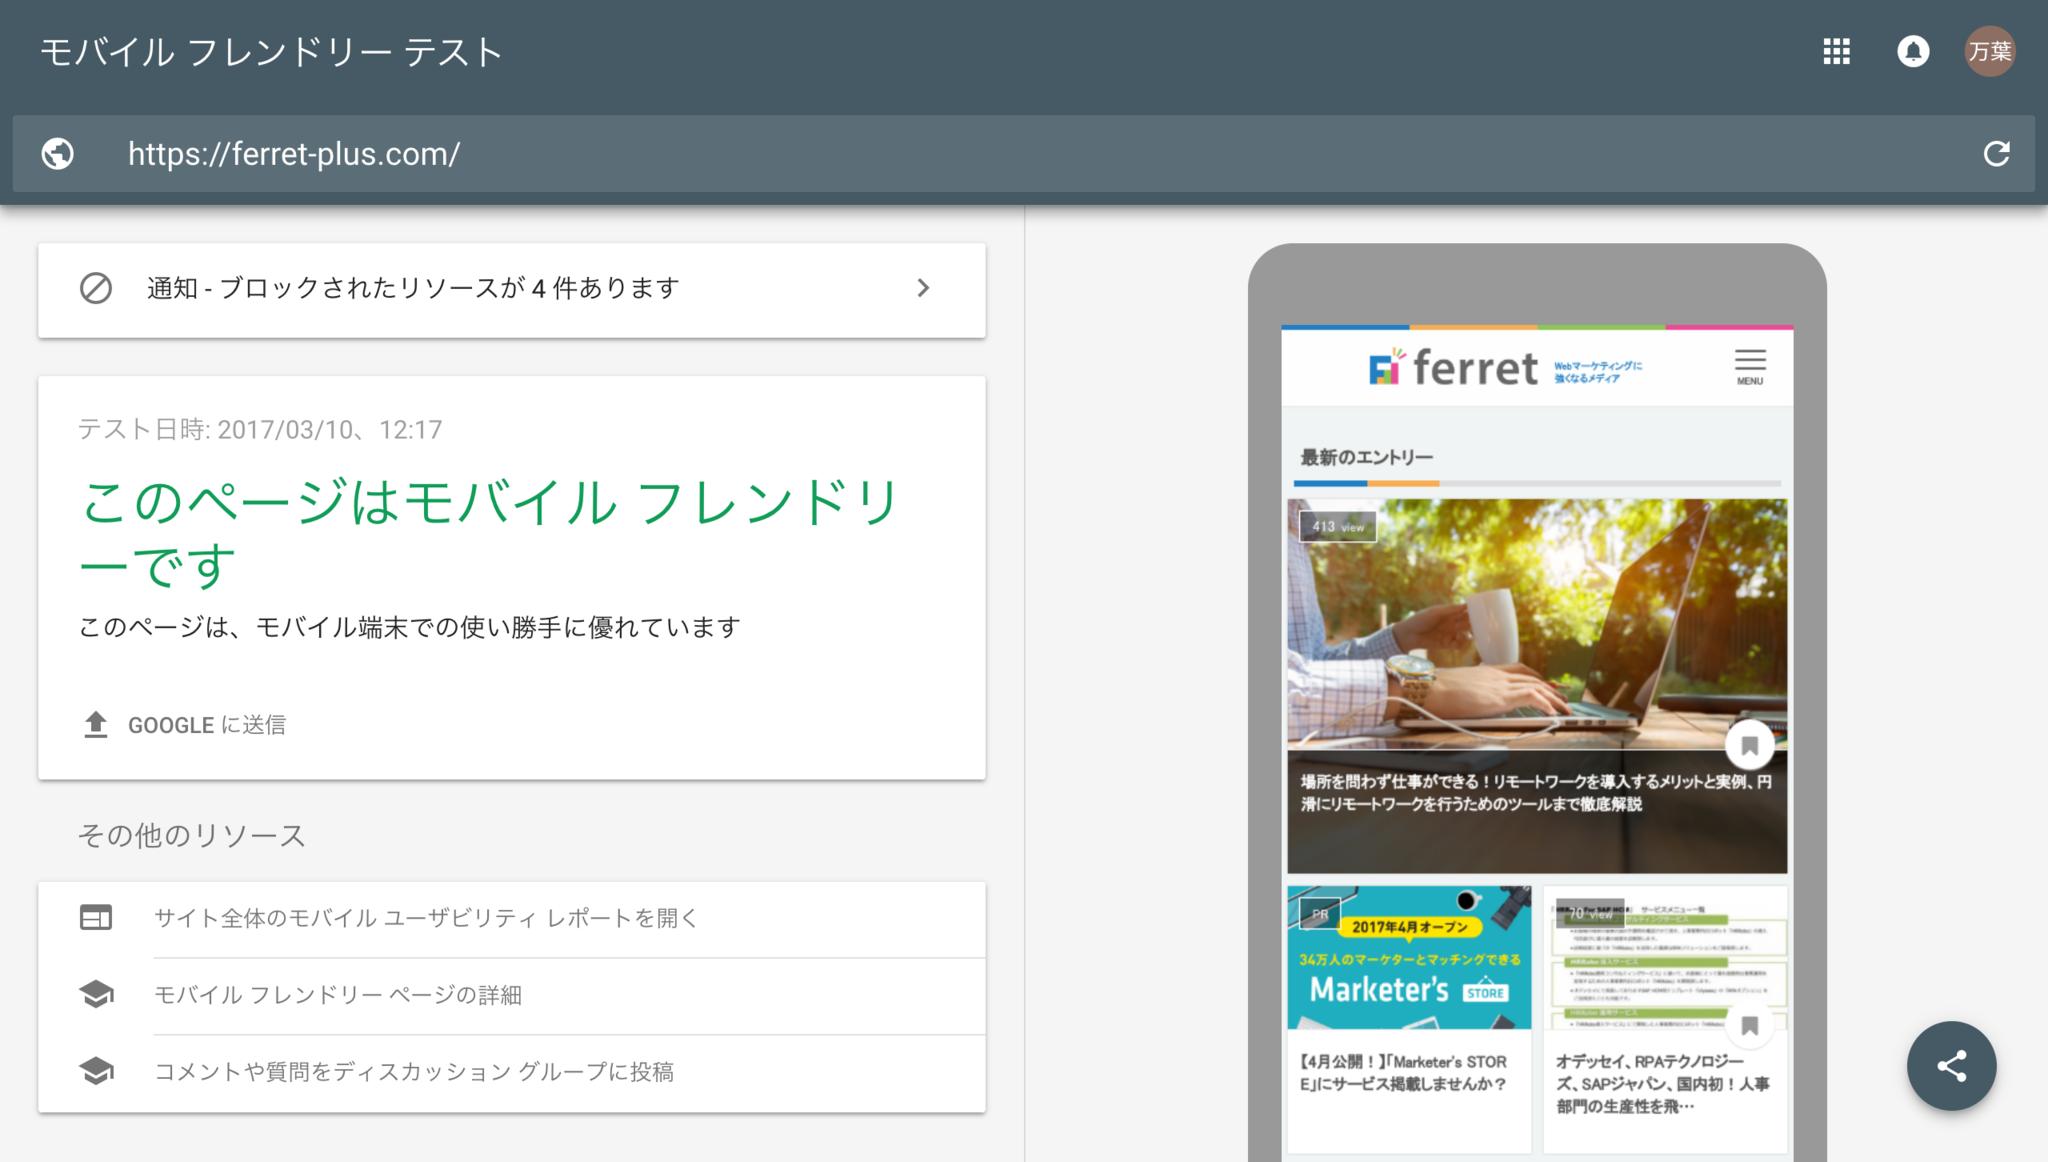 モバイル_フレンドリー_テスト結果 Google_Search_Console.png